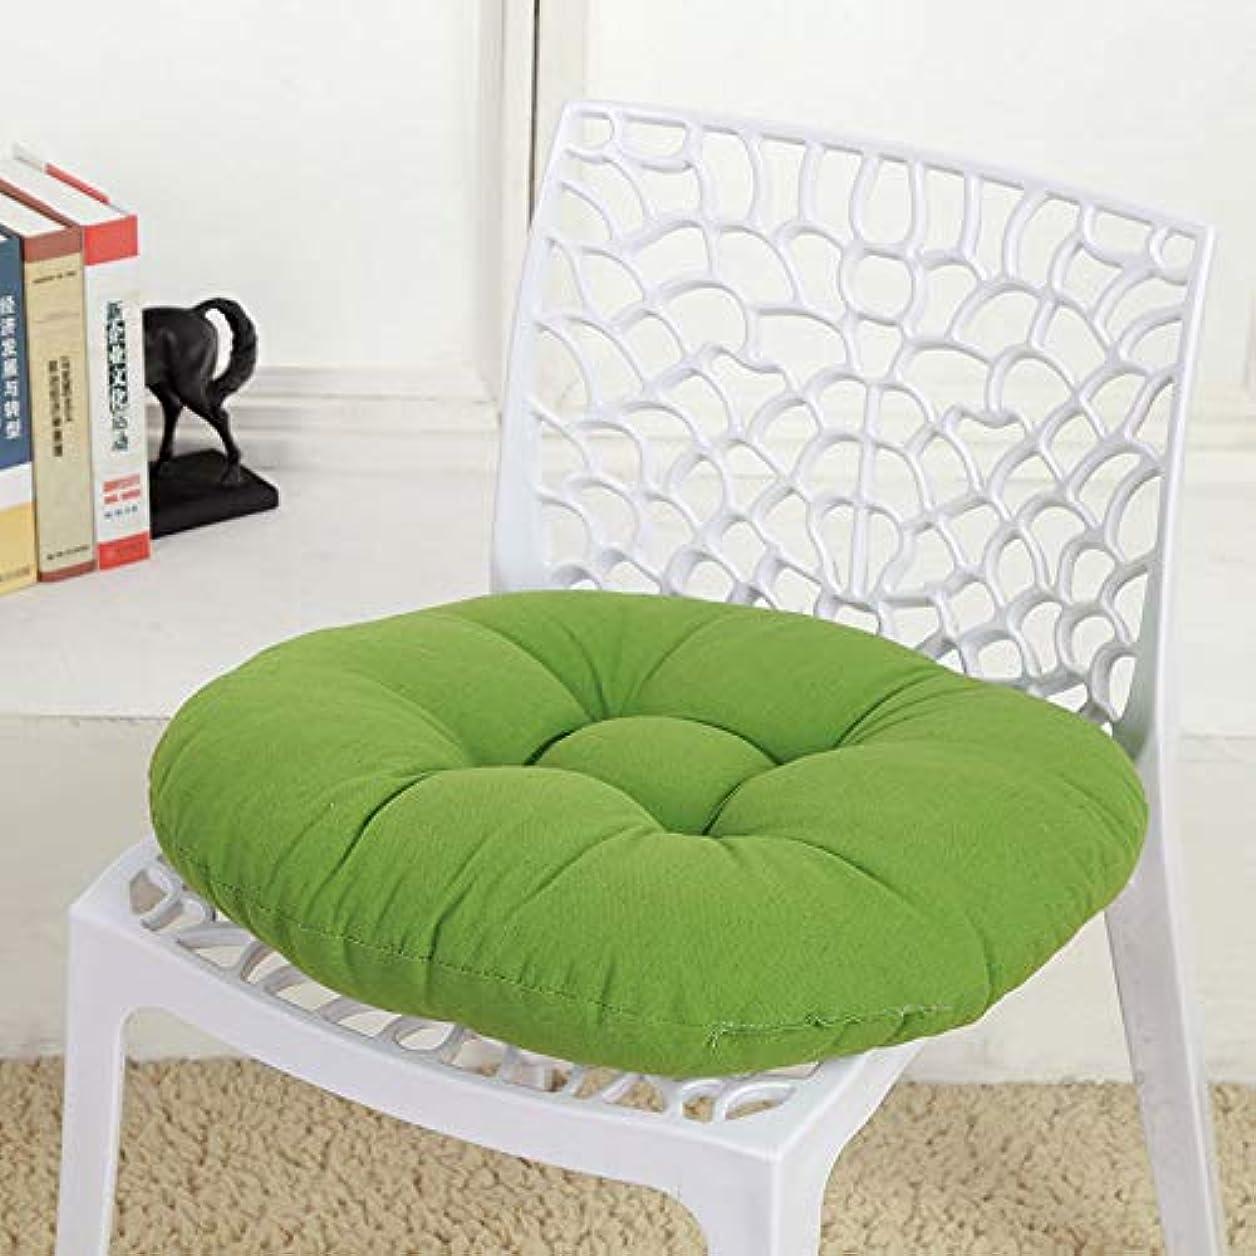 LIFE キャンディカラーのクッションラウンドシートクッション波ウィンドウシートクッションクッション家の装飾パッドラウンド枕シート枕椅子座る枕 クッション 椅子